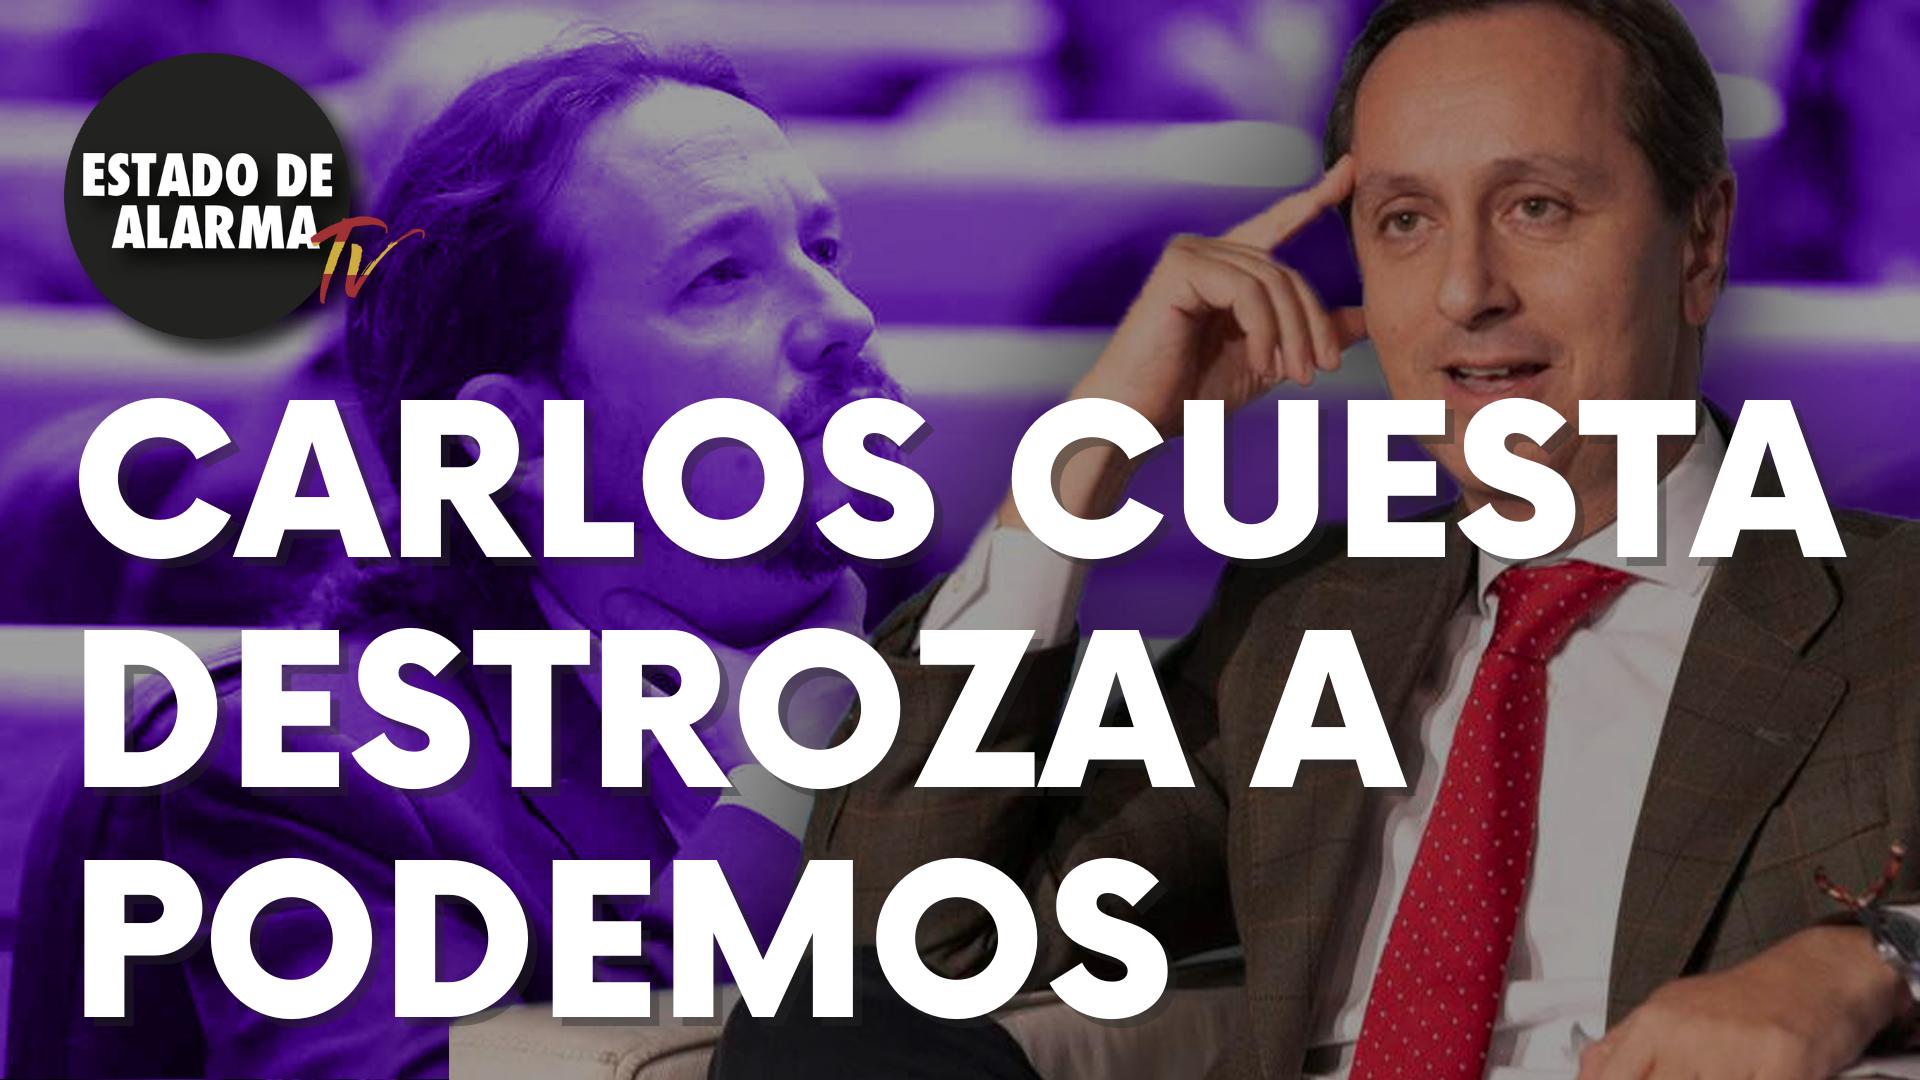 """Carlos Cuesta destroza a Podemos: """"Creado para ser letal"""""""